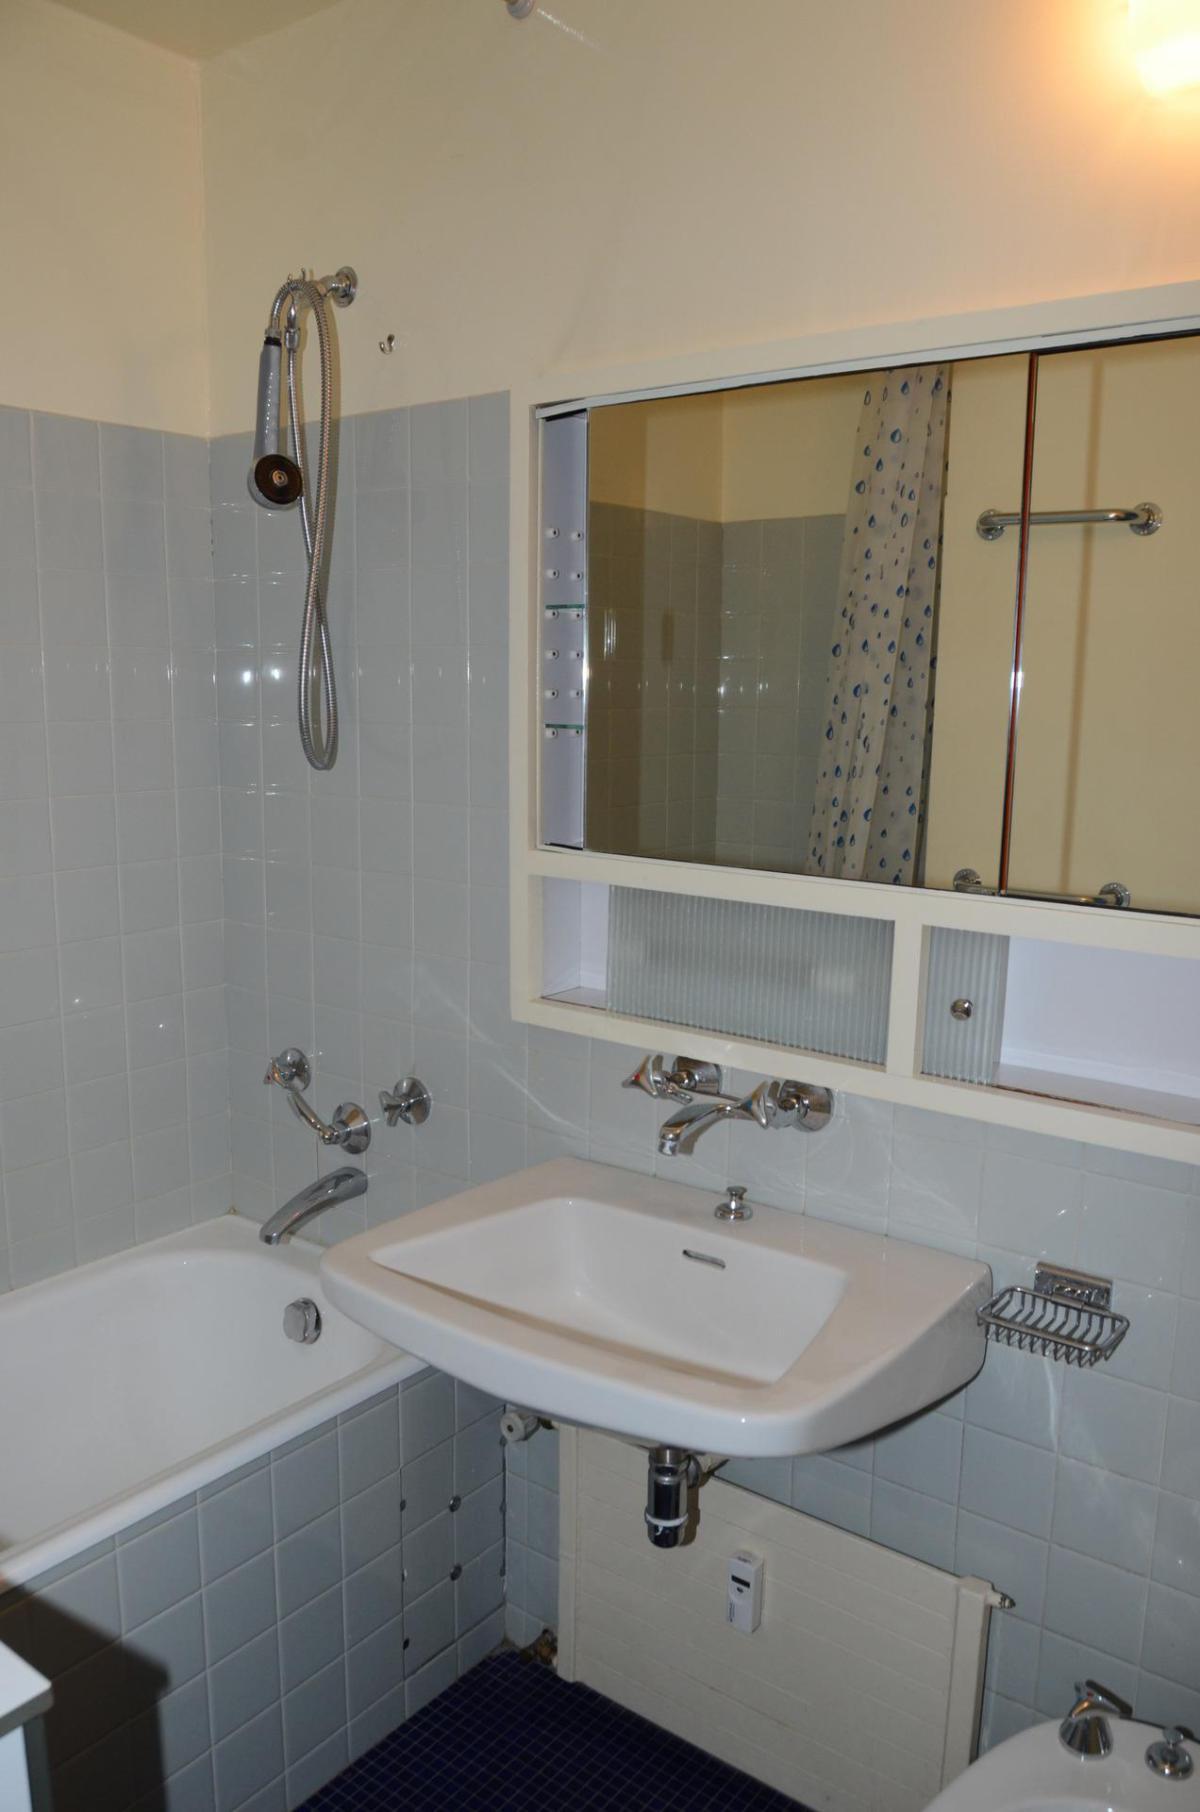 Location au ski Appartement 2 pièces 6 personnes (4) - La Residence Betelgeuse - Flaine - Salle de bains